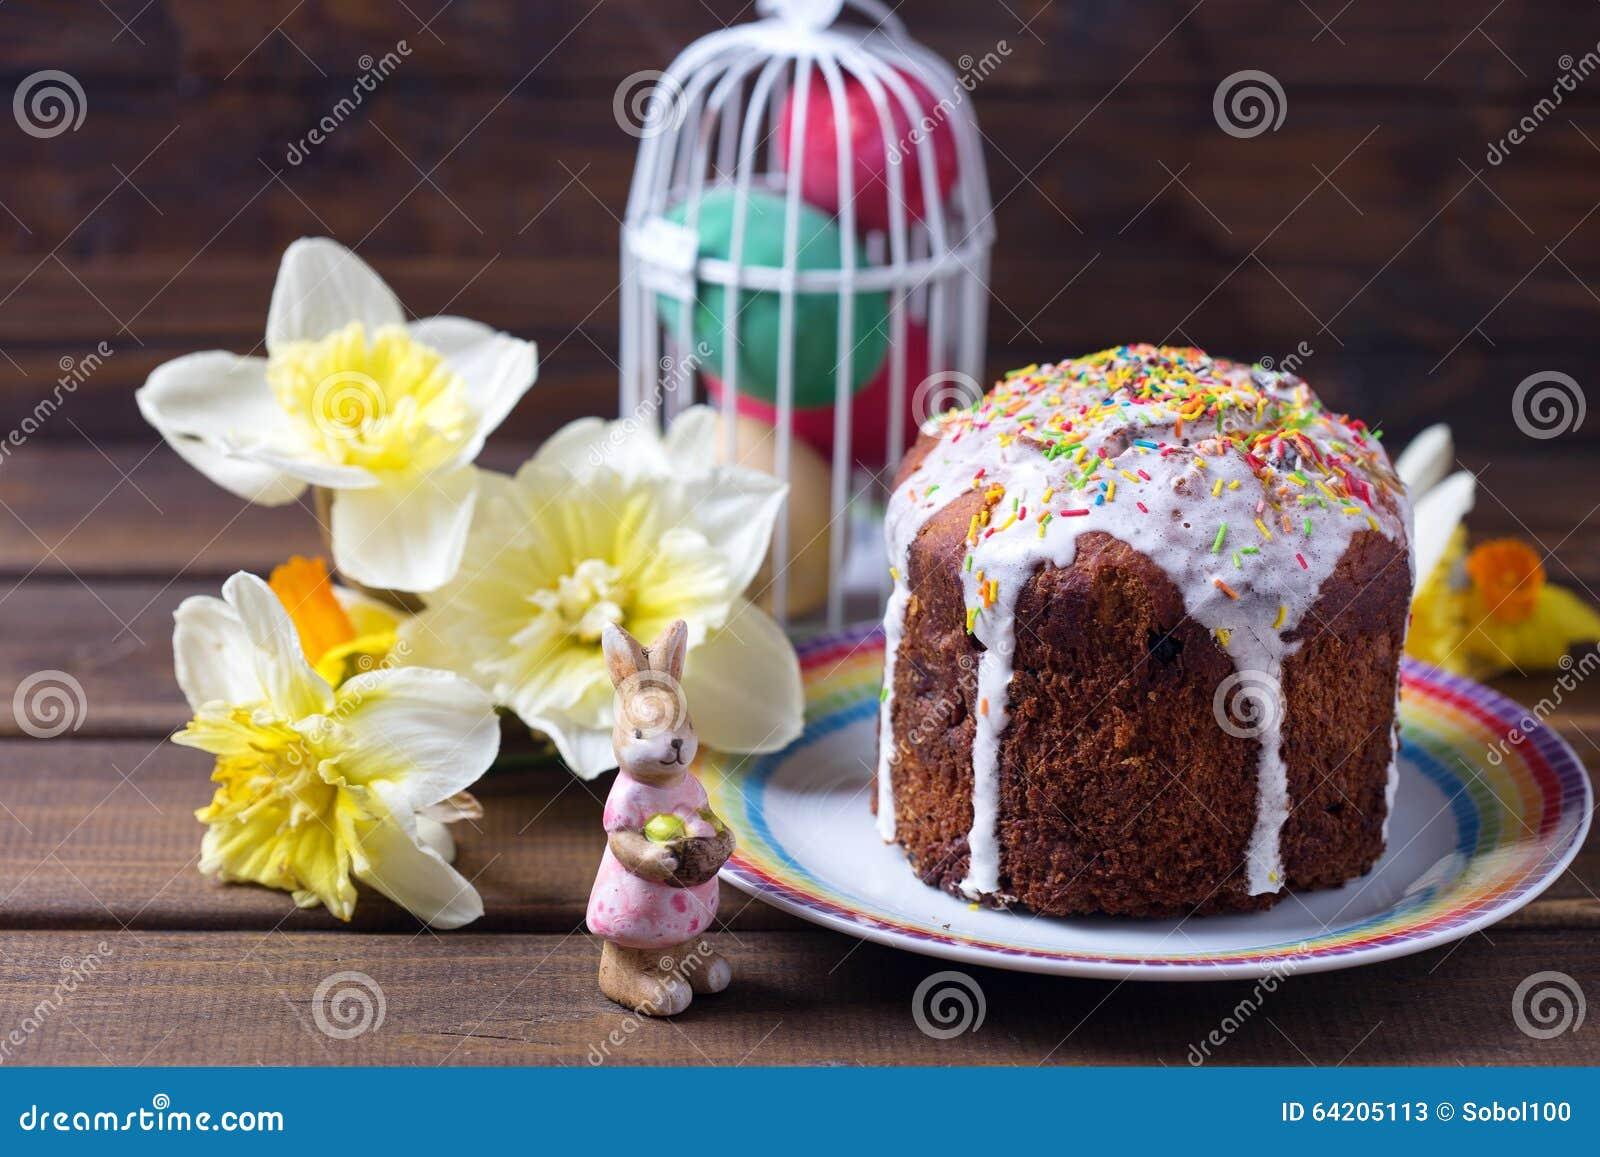 Torta de Pascua, flores y decoraciones coloridas de Pascua